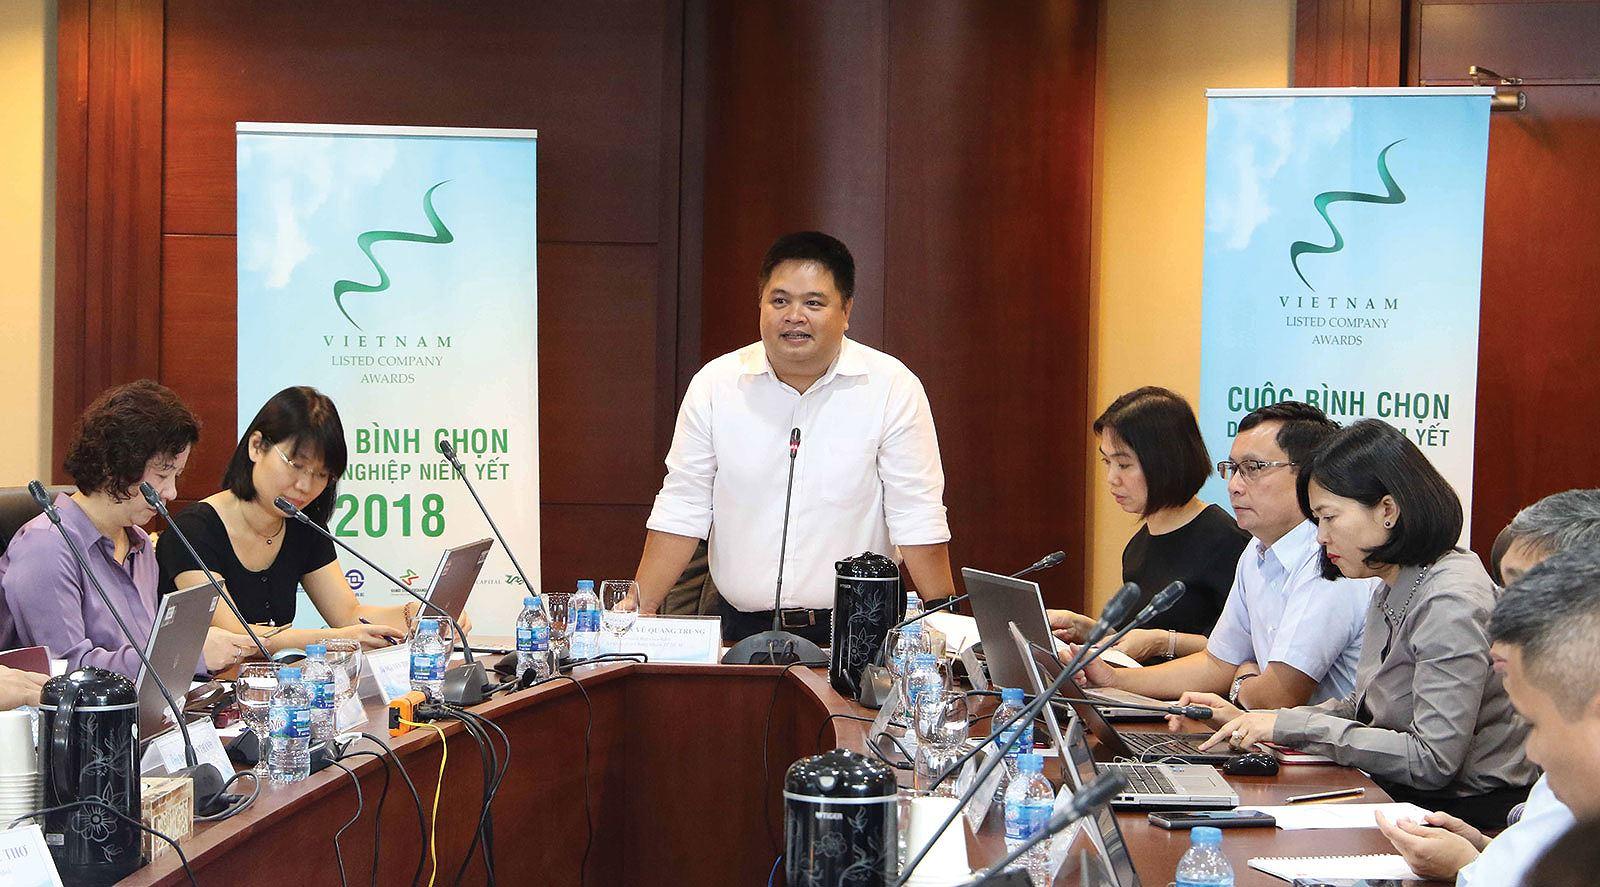 20181108-lap-bao-cao-thuong-nien-mot-so-diem-can-hoan-thien-2